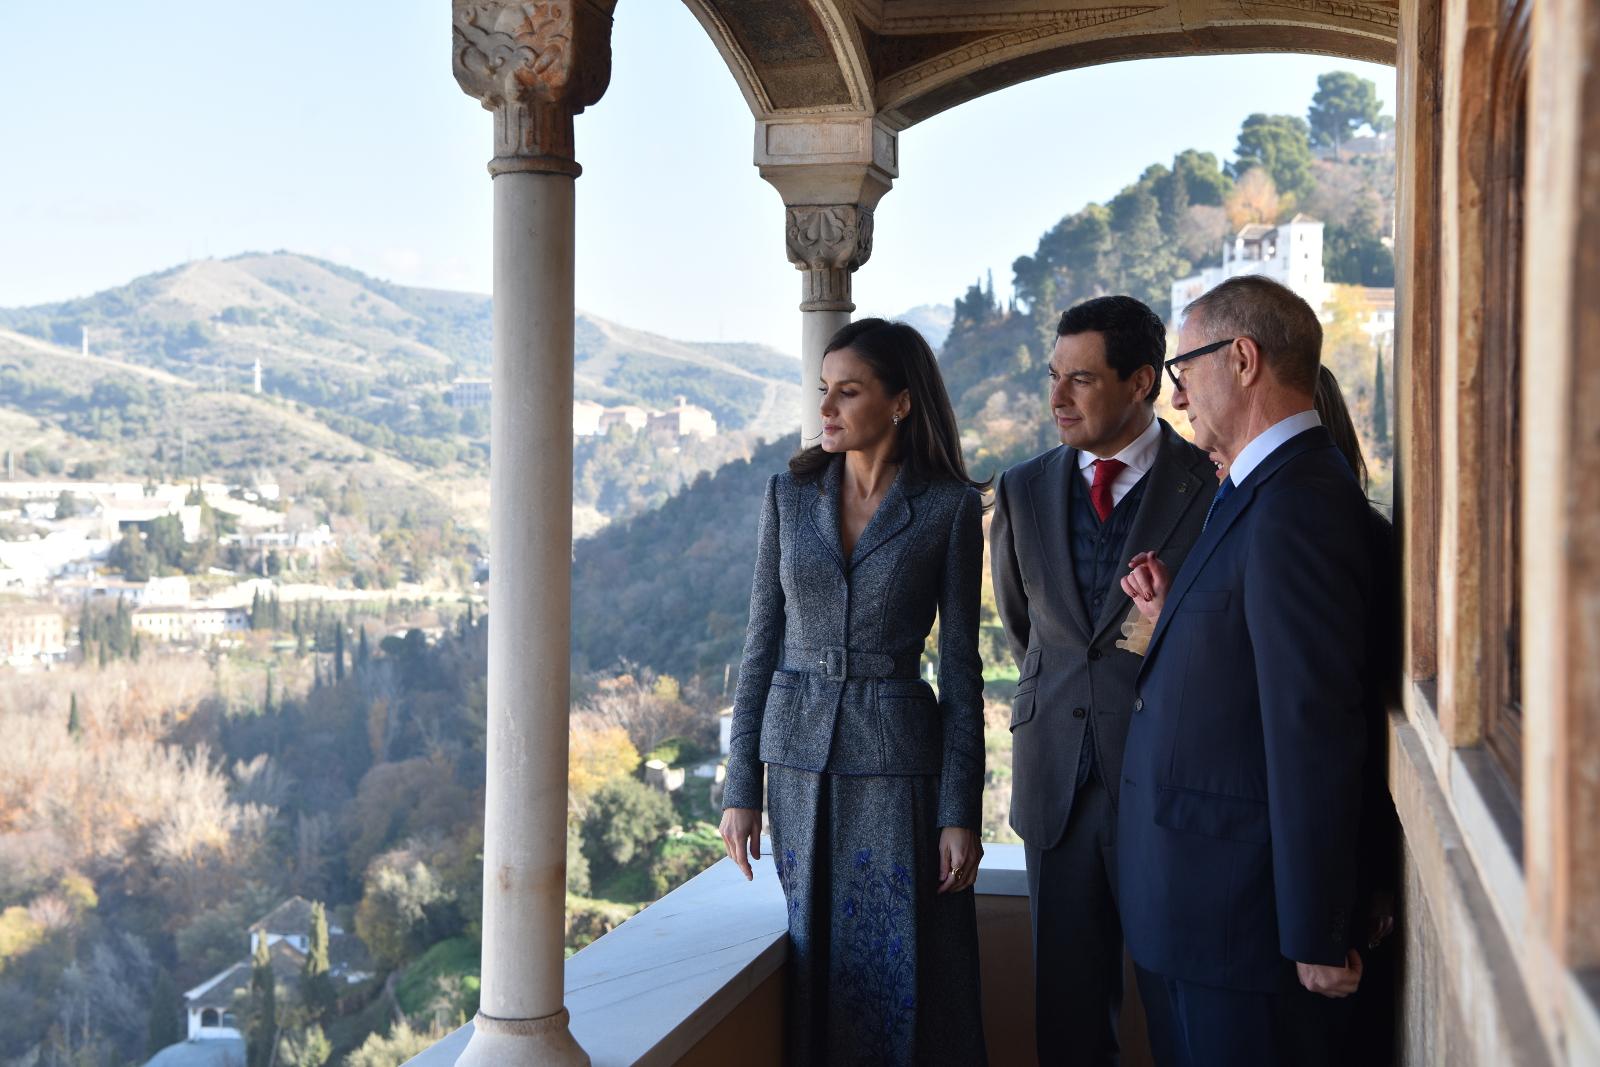 La Reina inaugura en la Alhambra una muestra sobre la Granada zirí y el universo beréber